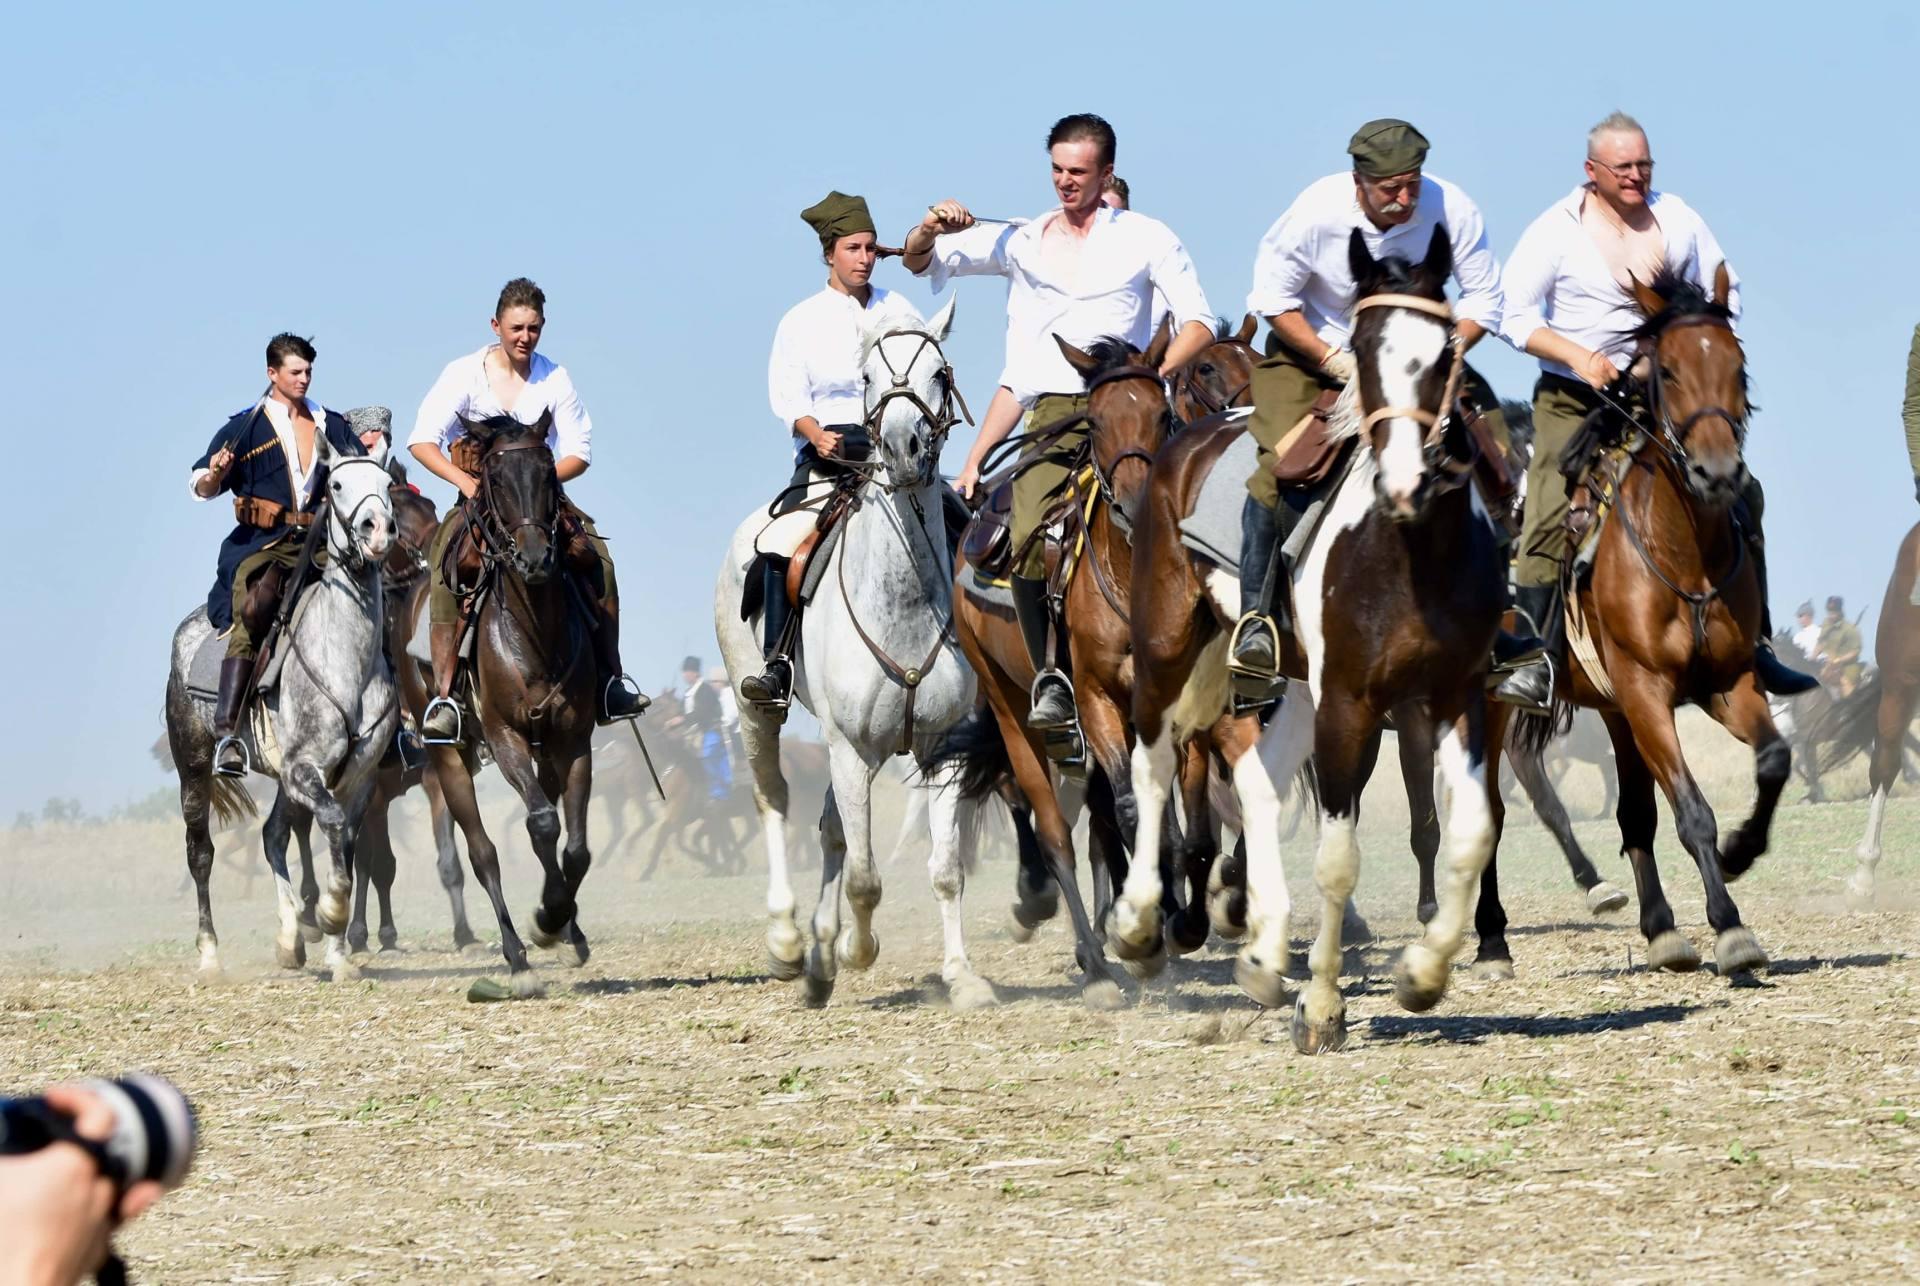 dsc 1026 Czas szabli - 100 rocznica bitwy pod Komarowem(zdjęcia)